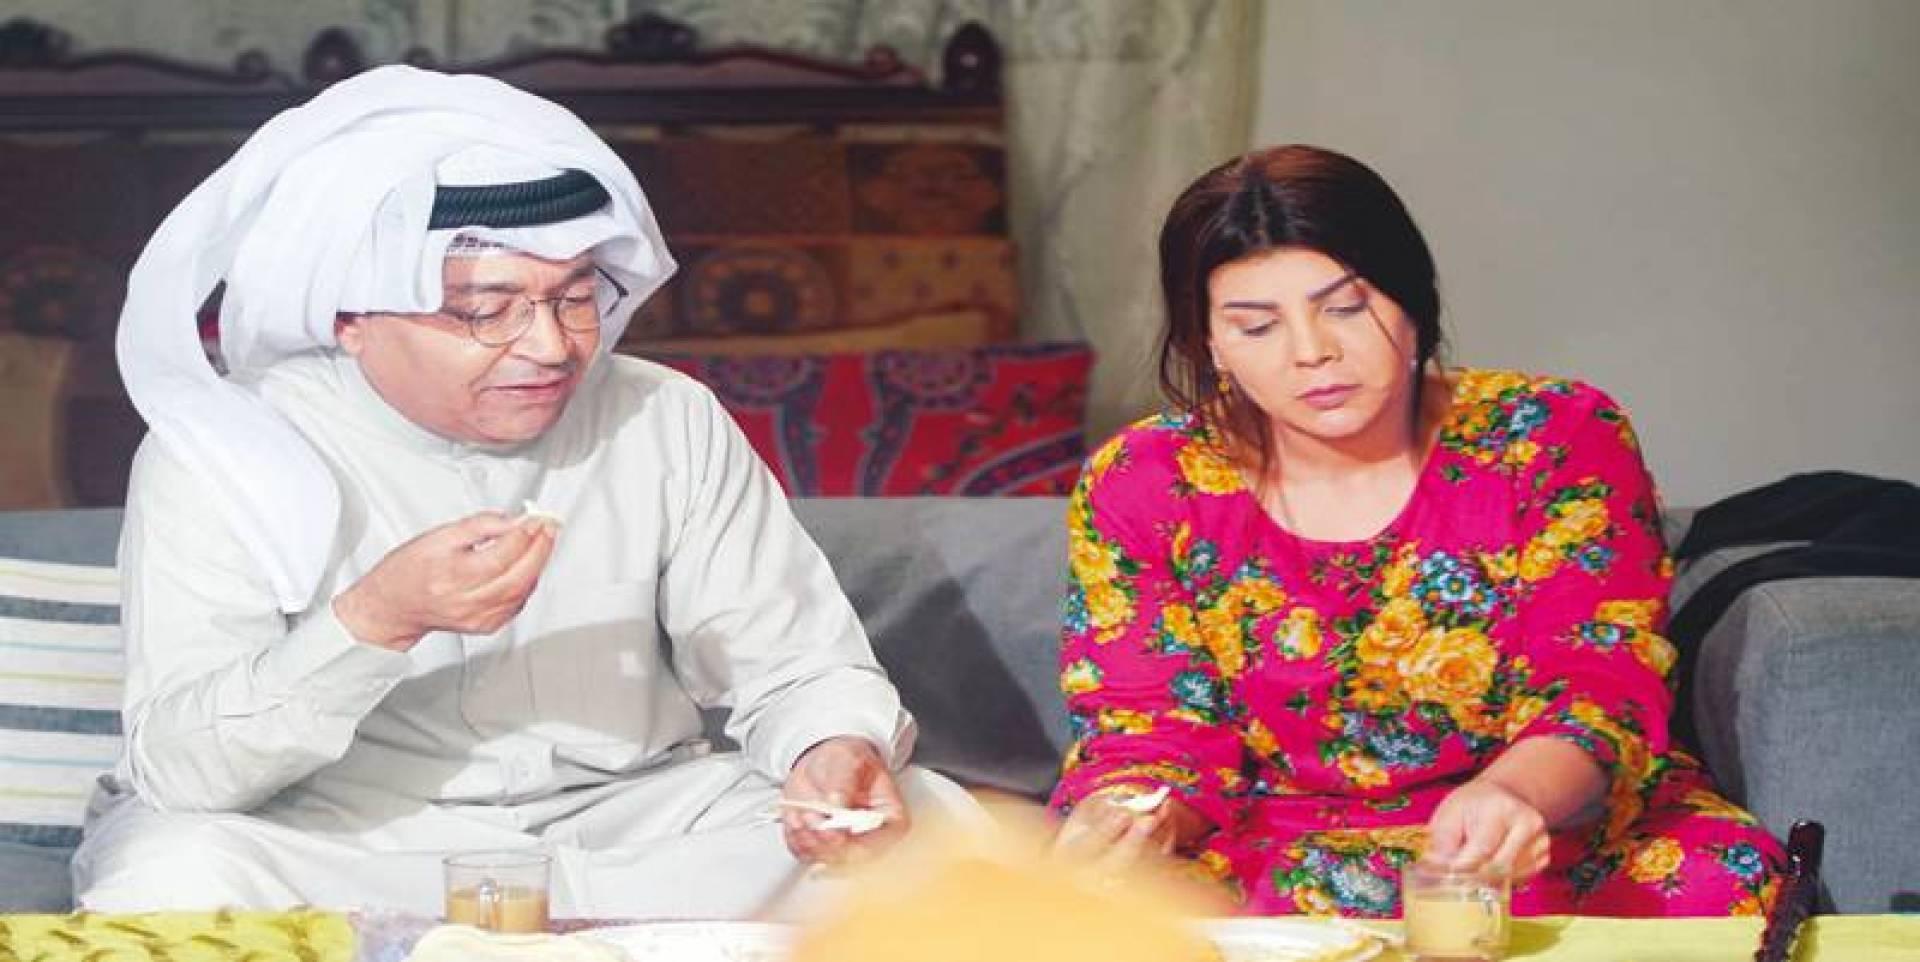 محمد العجيمي وإلهام الفضالة في «وما أدراك ما أمي»